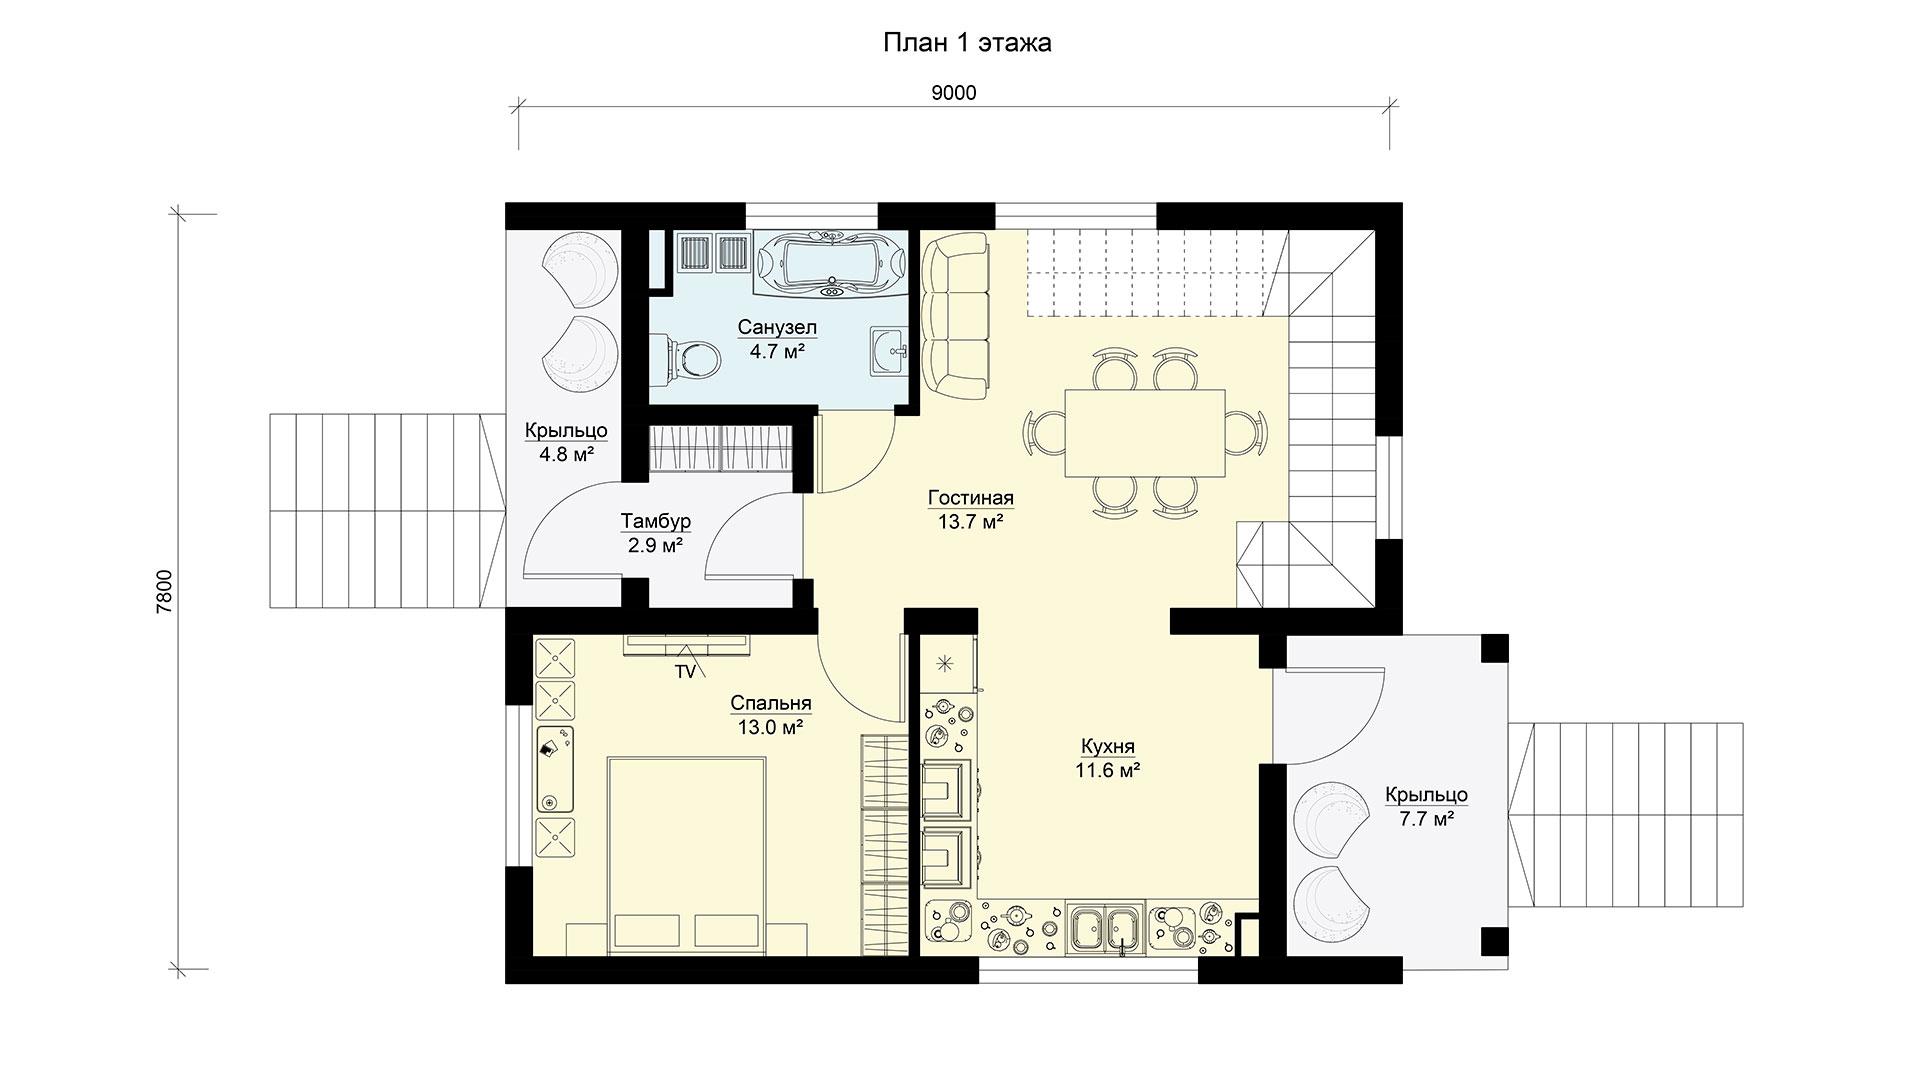 План первого этажа двухэтажного дома БП-171 в коттеджном поселке Берег Песочной в Истринском районе Московской области.